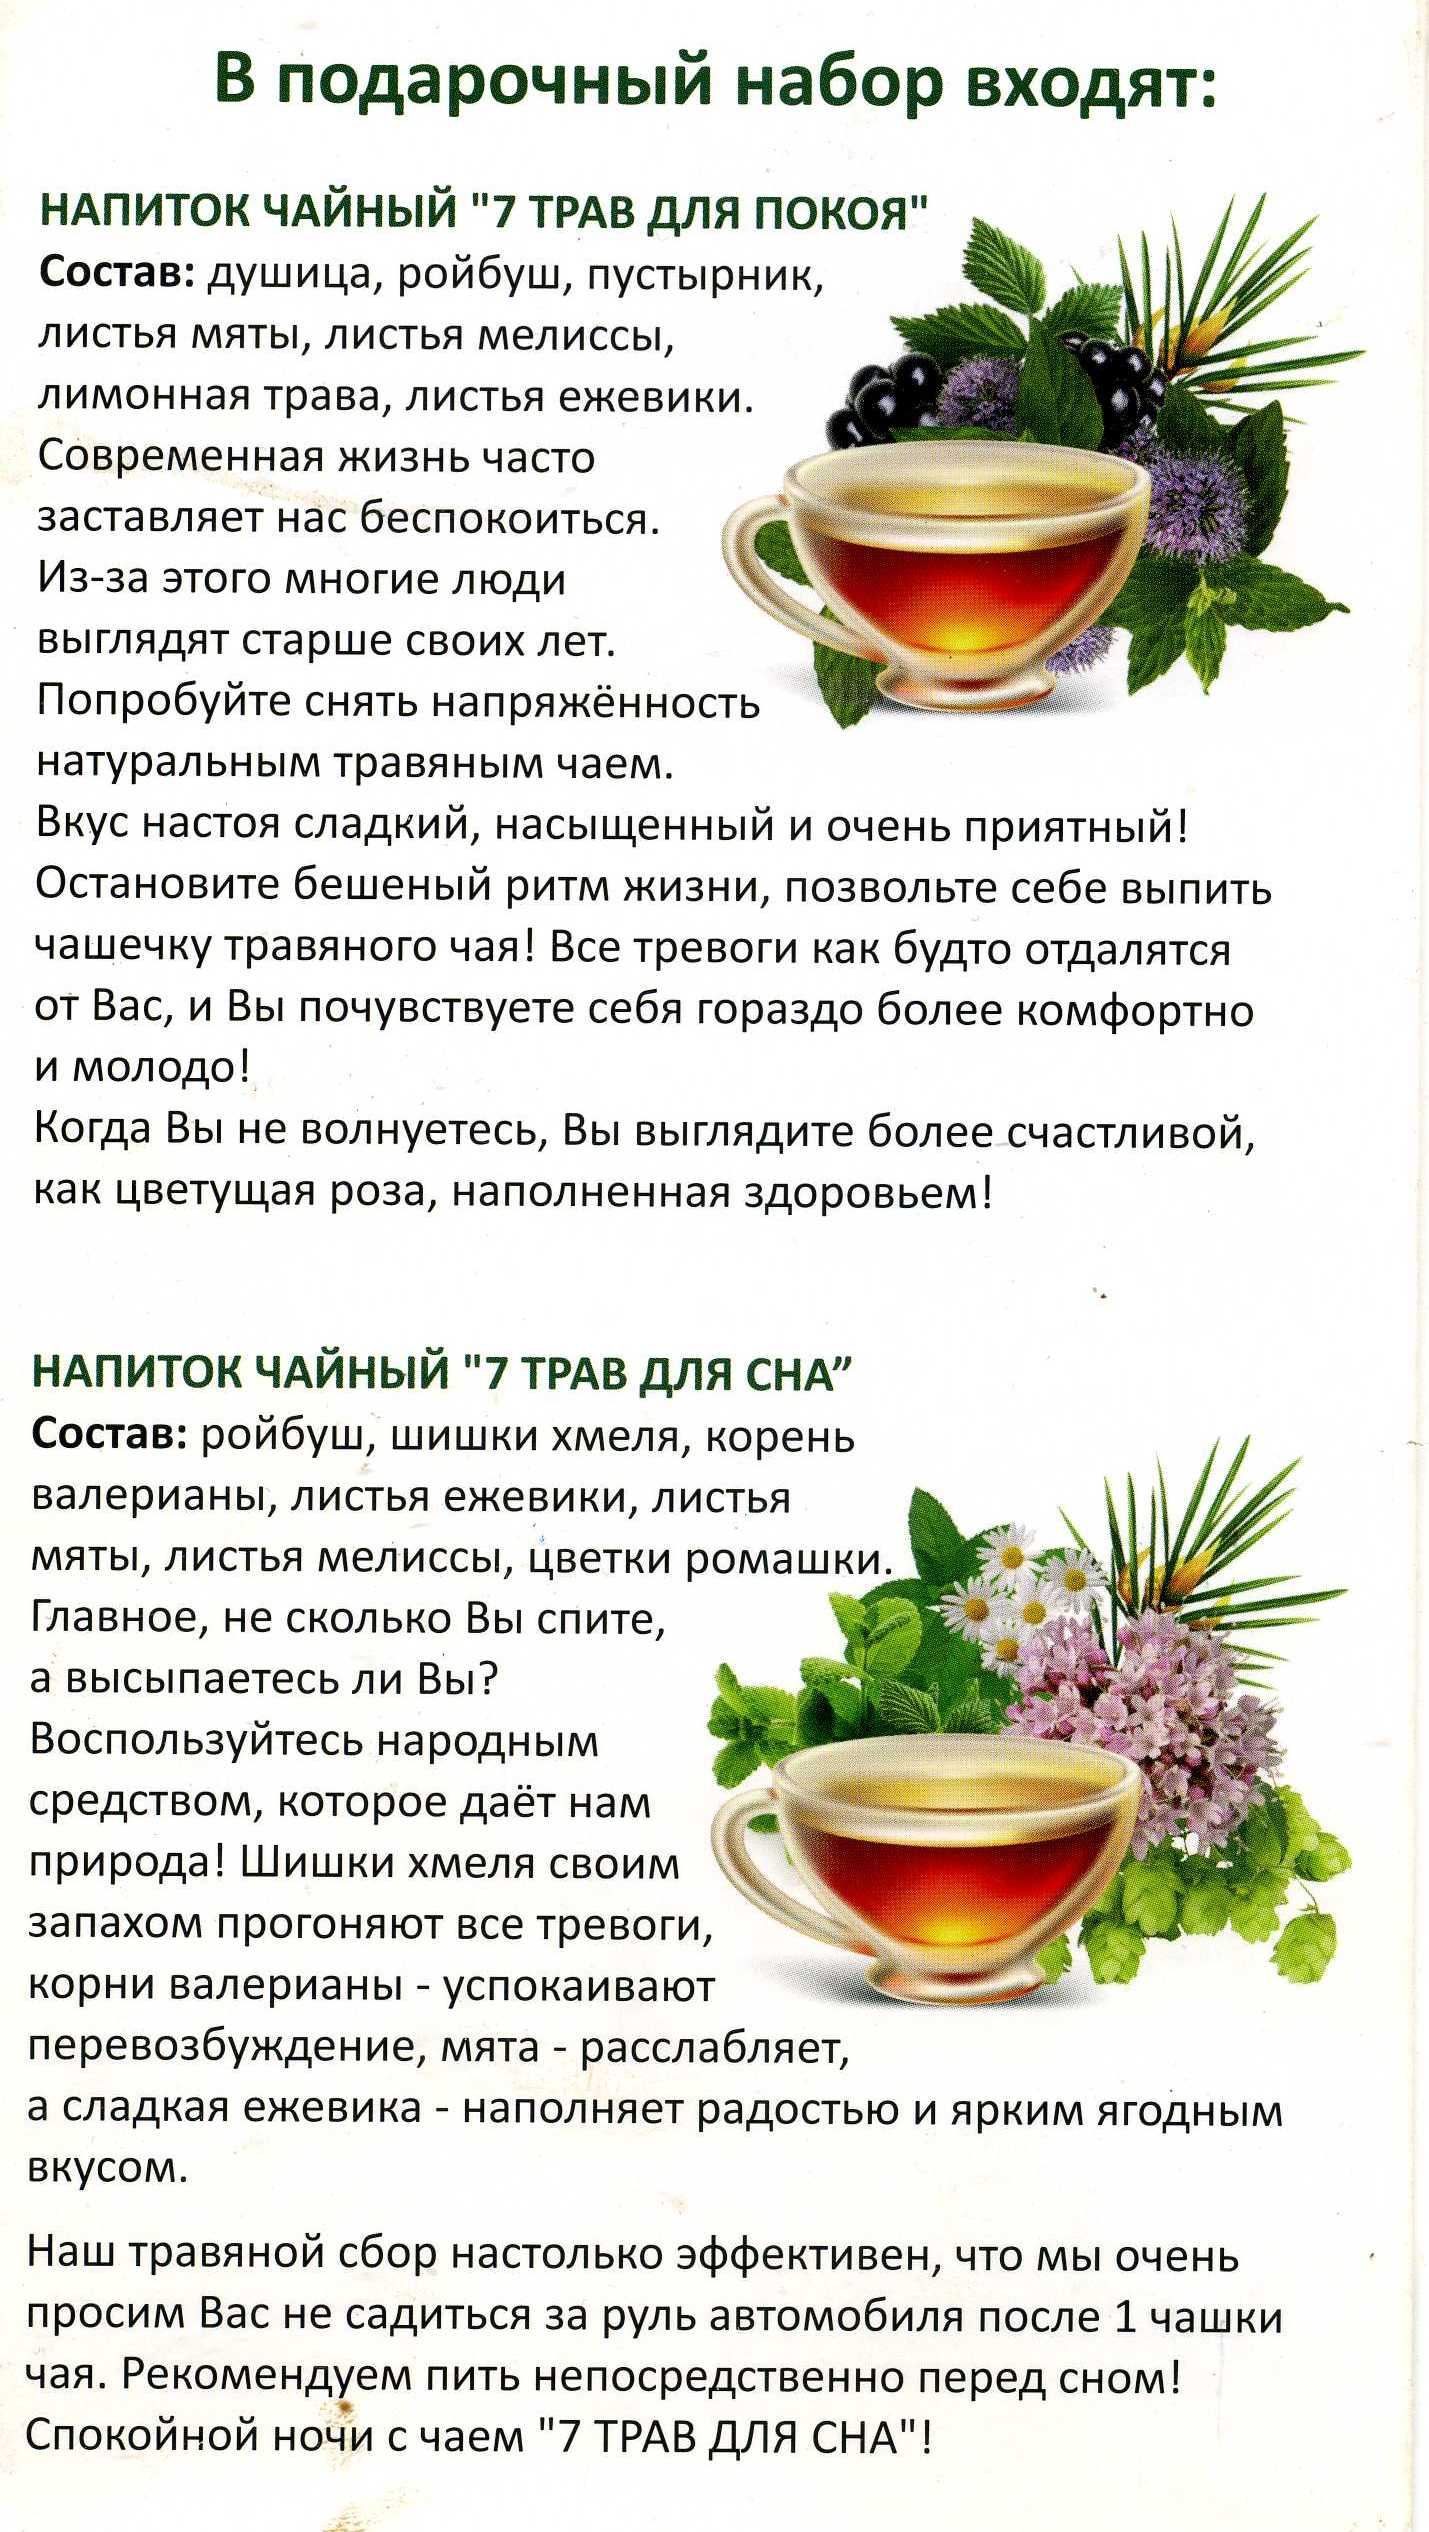 Коньяк в качестве лекарства от простуды: правильное лечение алкоголем - секреты медицины